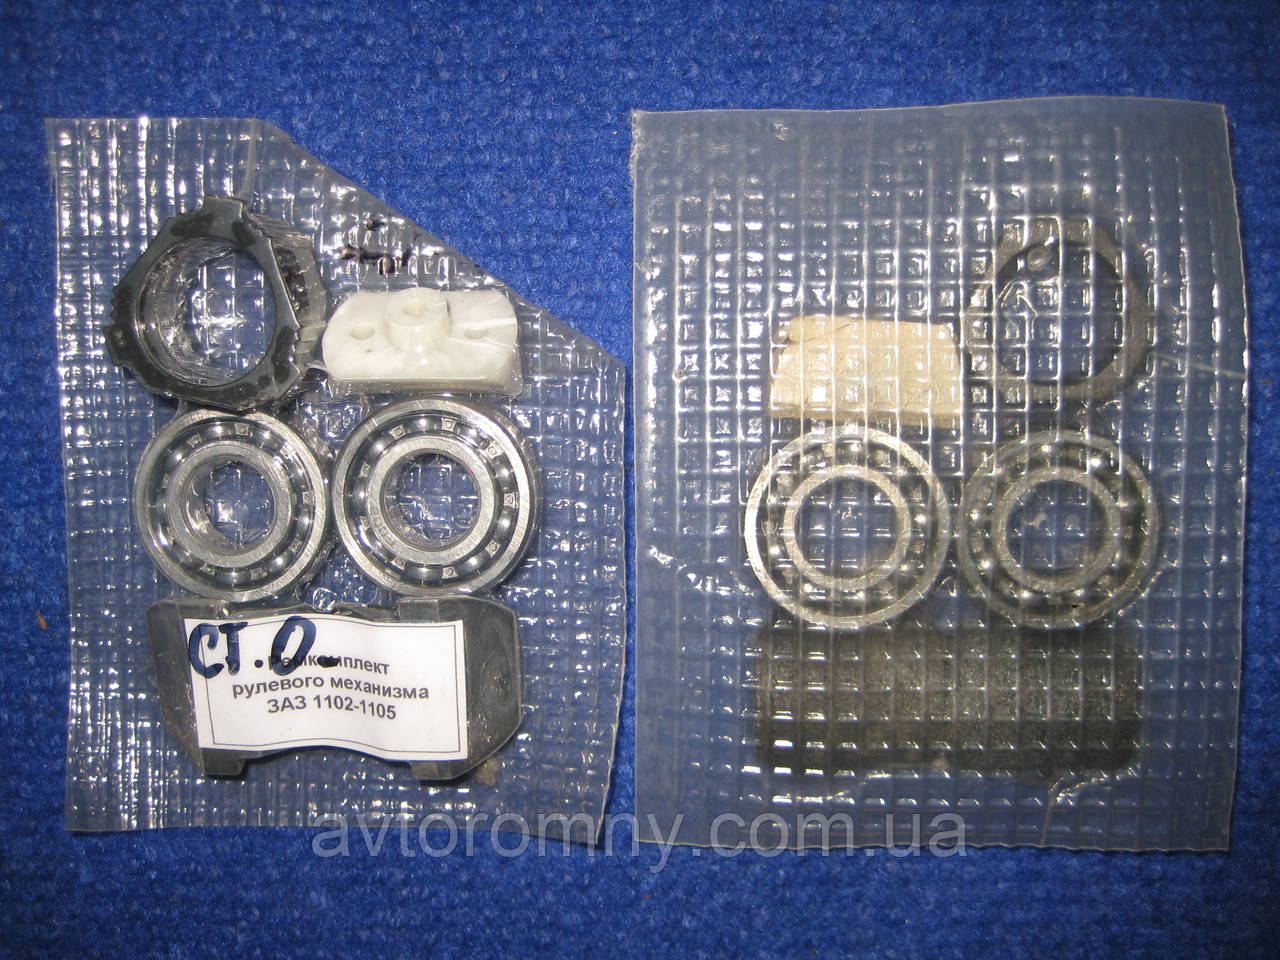 Ремкомплект рулевой рейки старого образца Таврия Славута ЗАЗ 1102 1103 1105